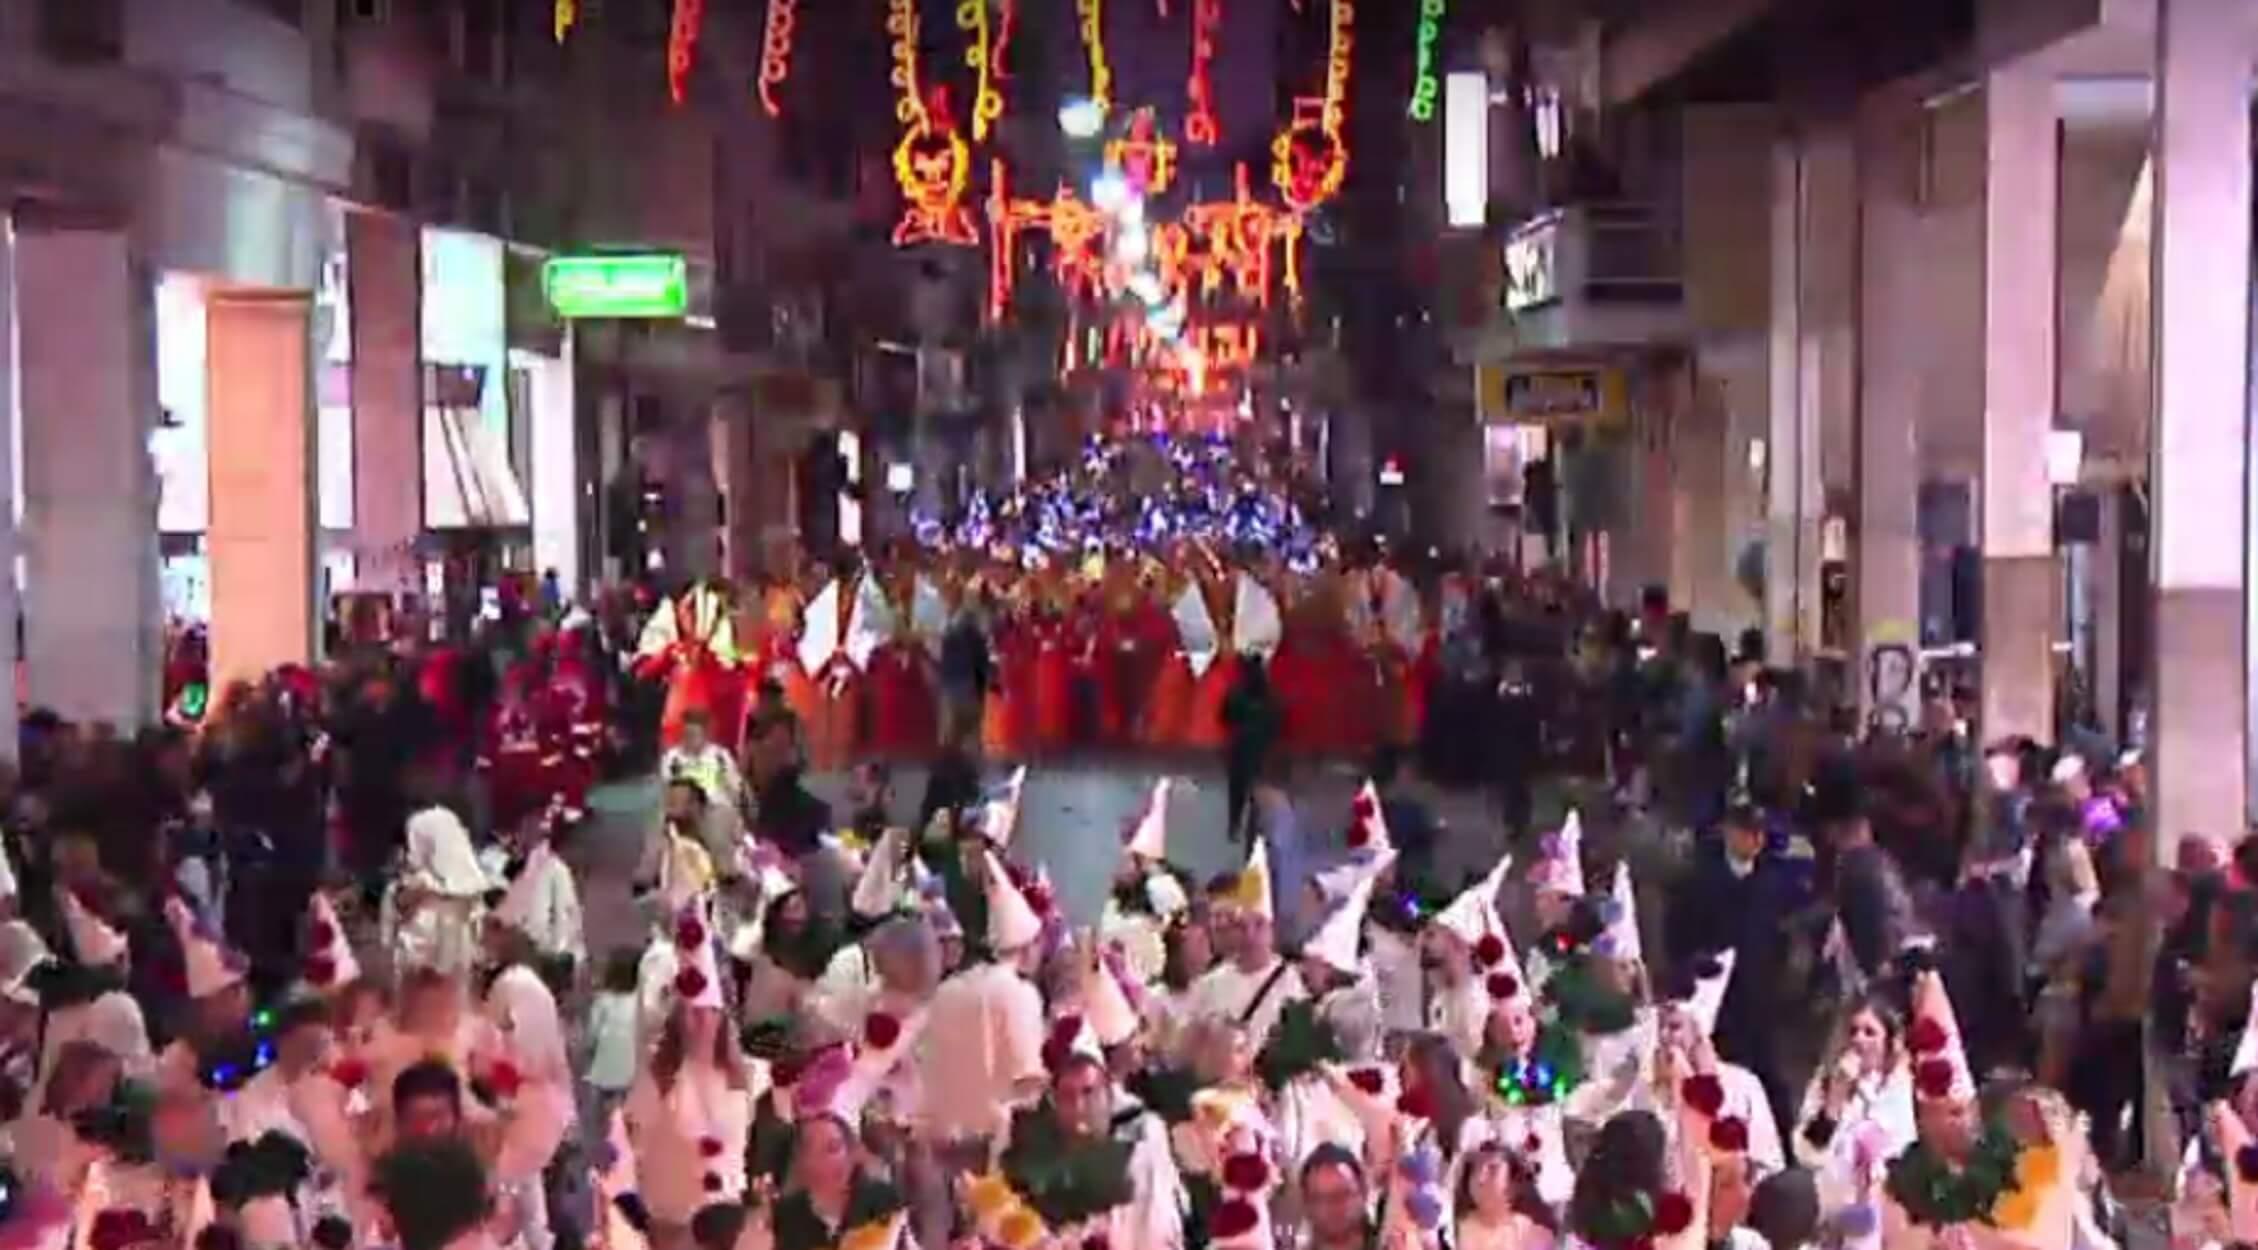 """Καρναβάλι: """"Κάηκε"""" η Πάτρα από 40.000 και πλέον καρναβαλιστές! [pics, video]"""